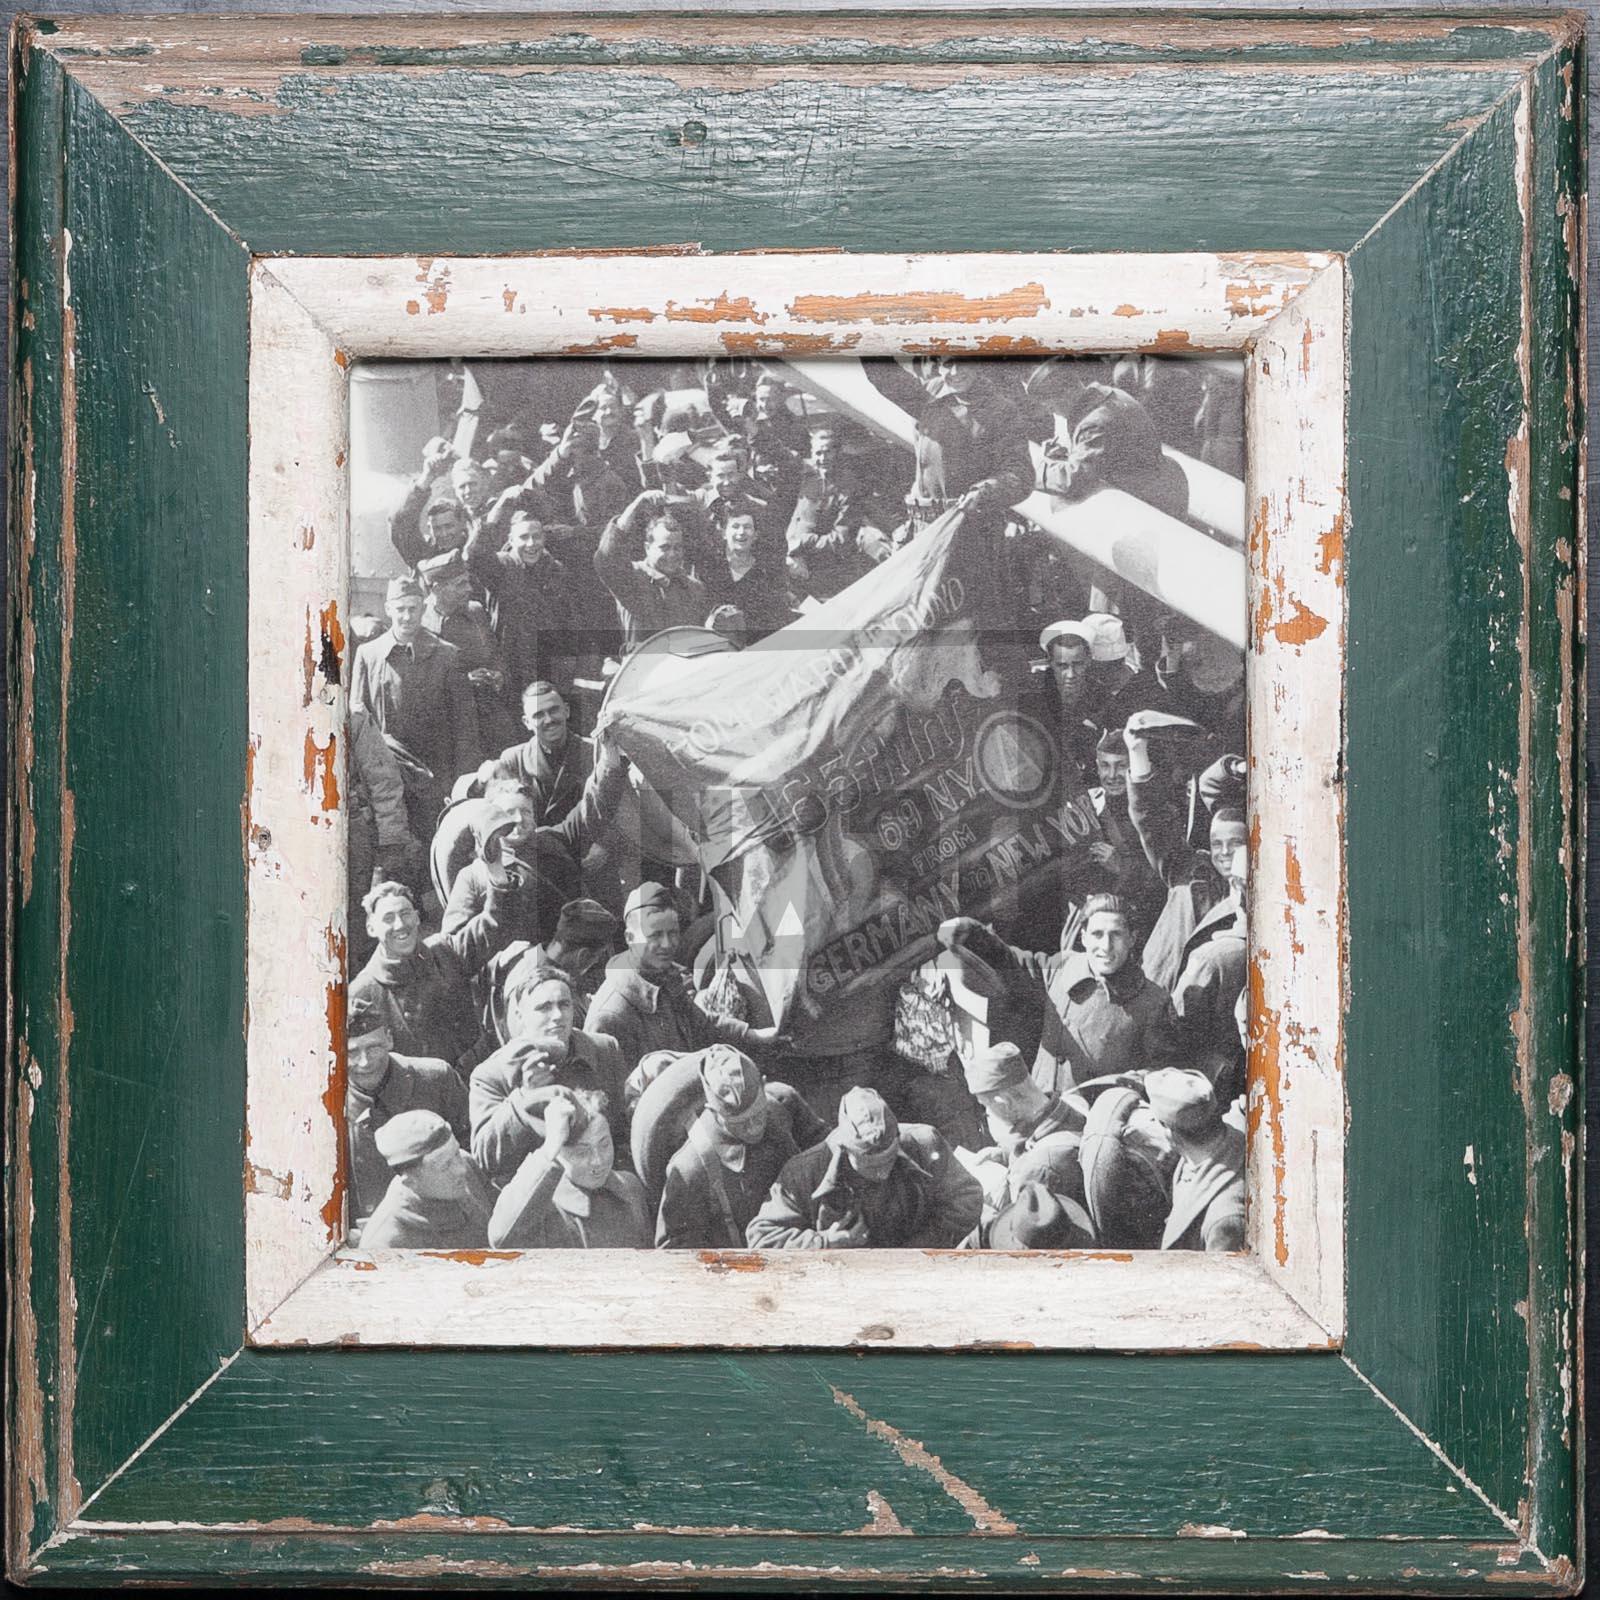 Grüner Bilderrahmen aus recyceltem Holz für quadratische Fotos